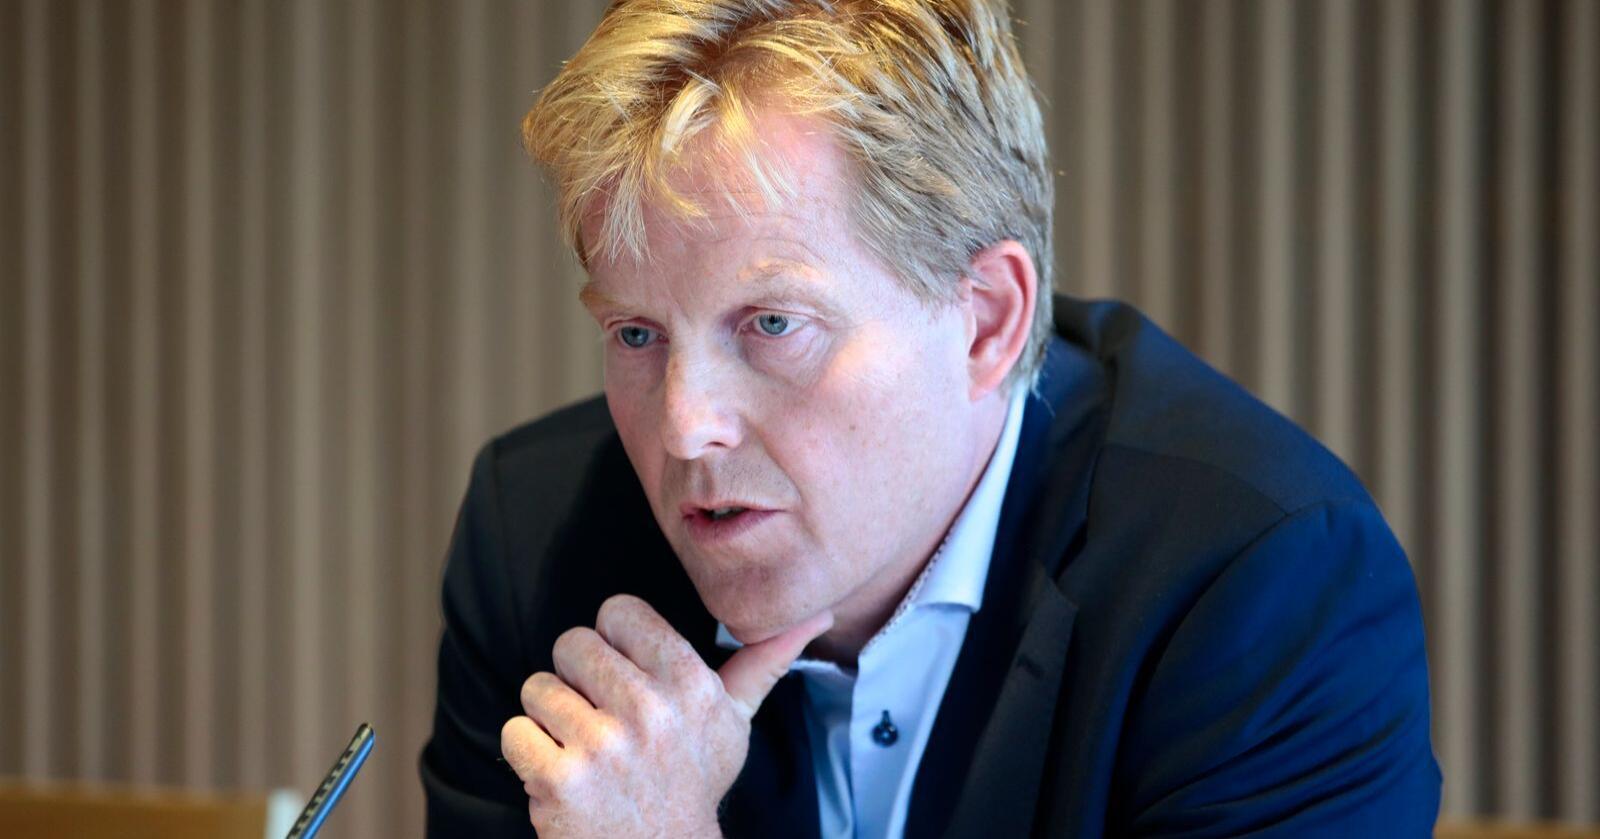 Pål K. Lønseth sier Økokrim vil øke oppmerksomheten mot fiskerikrim og viser til at slik kriminalitet også er miljøkriminalitet. Foto: Lise Åserud / NTB scanpix